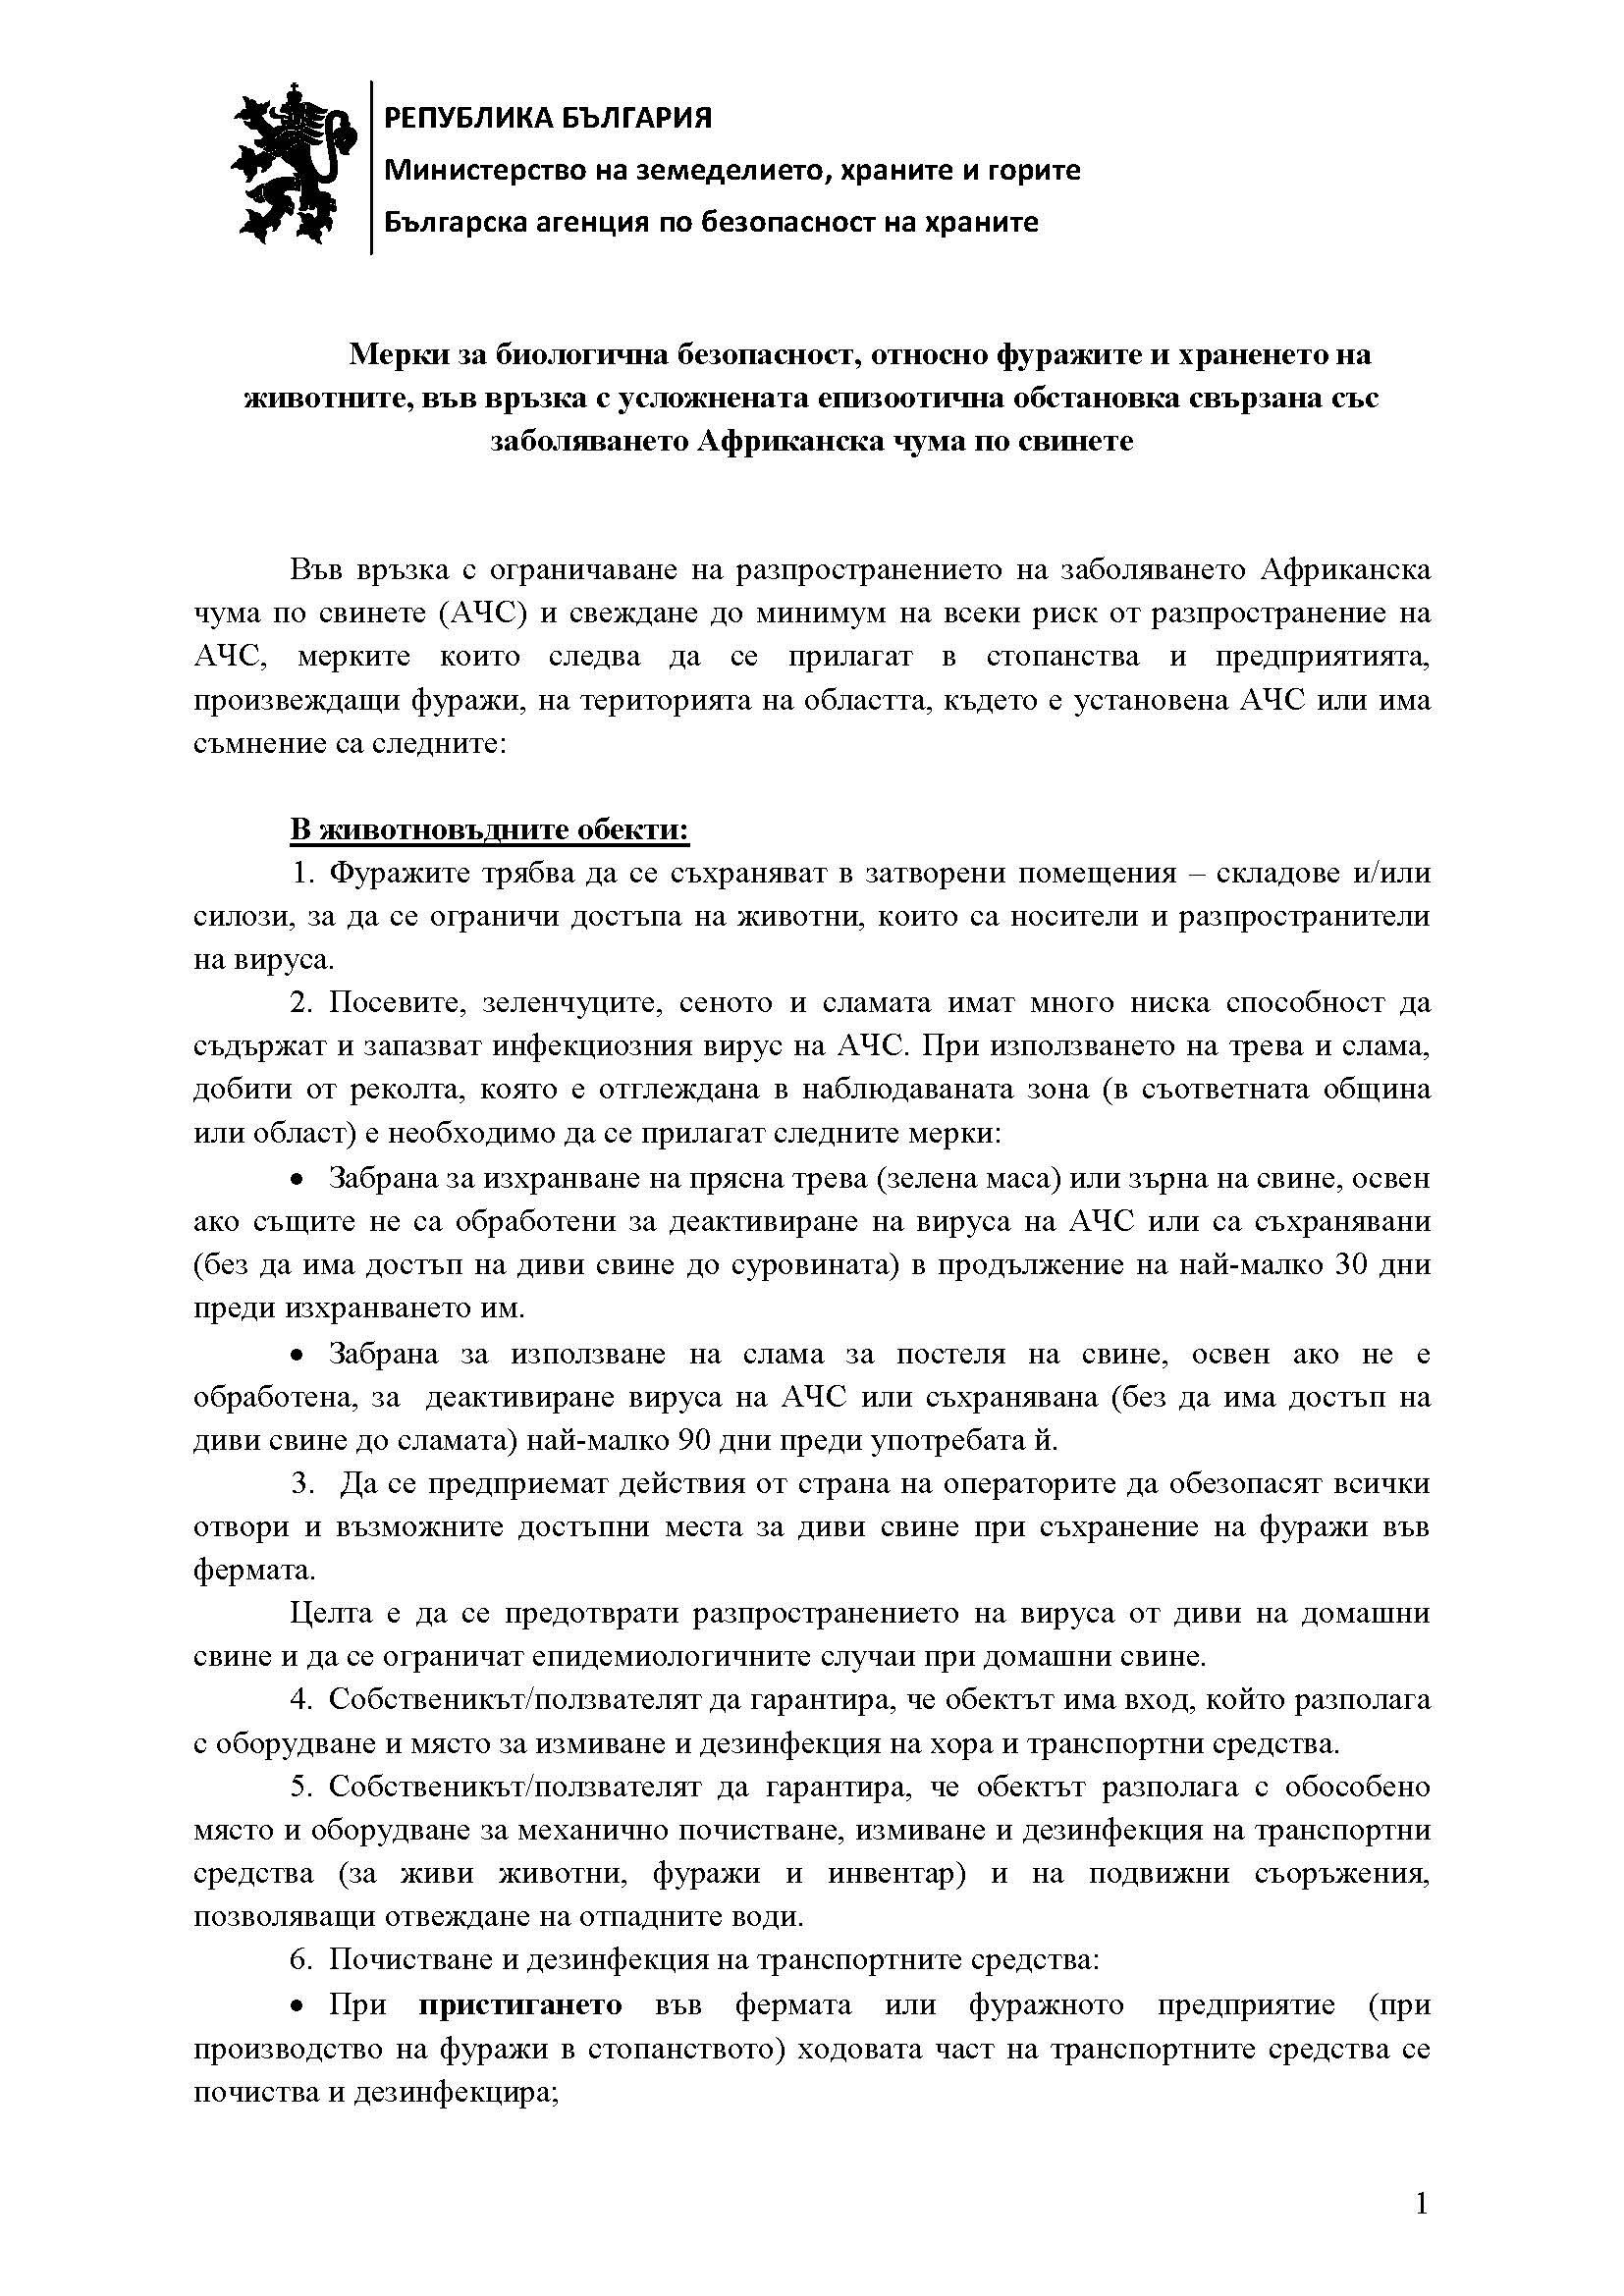 merkil_Page_1